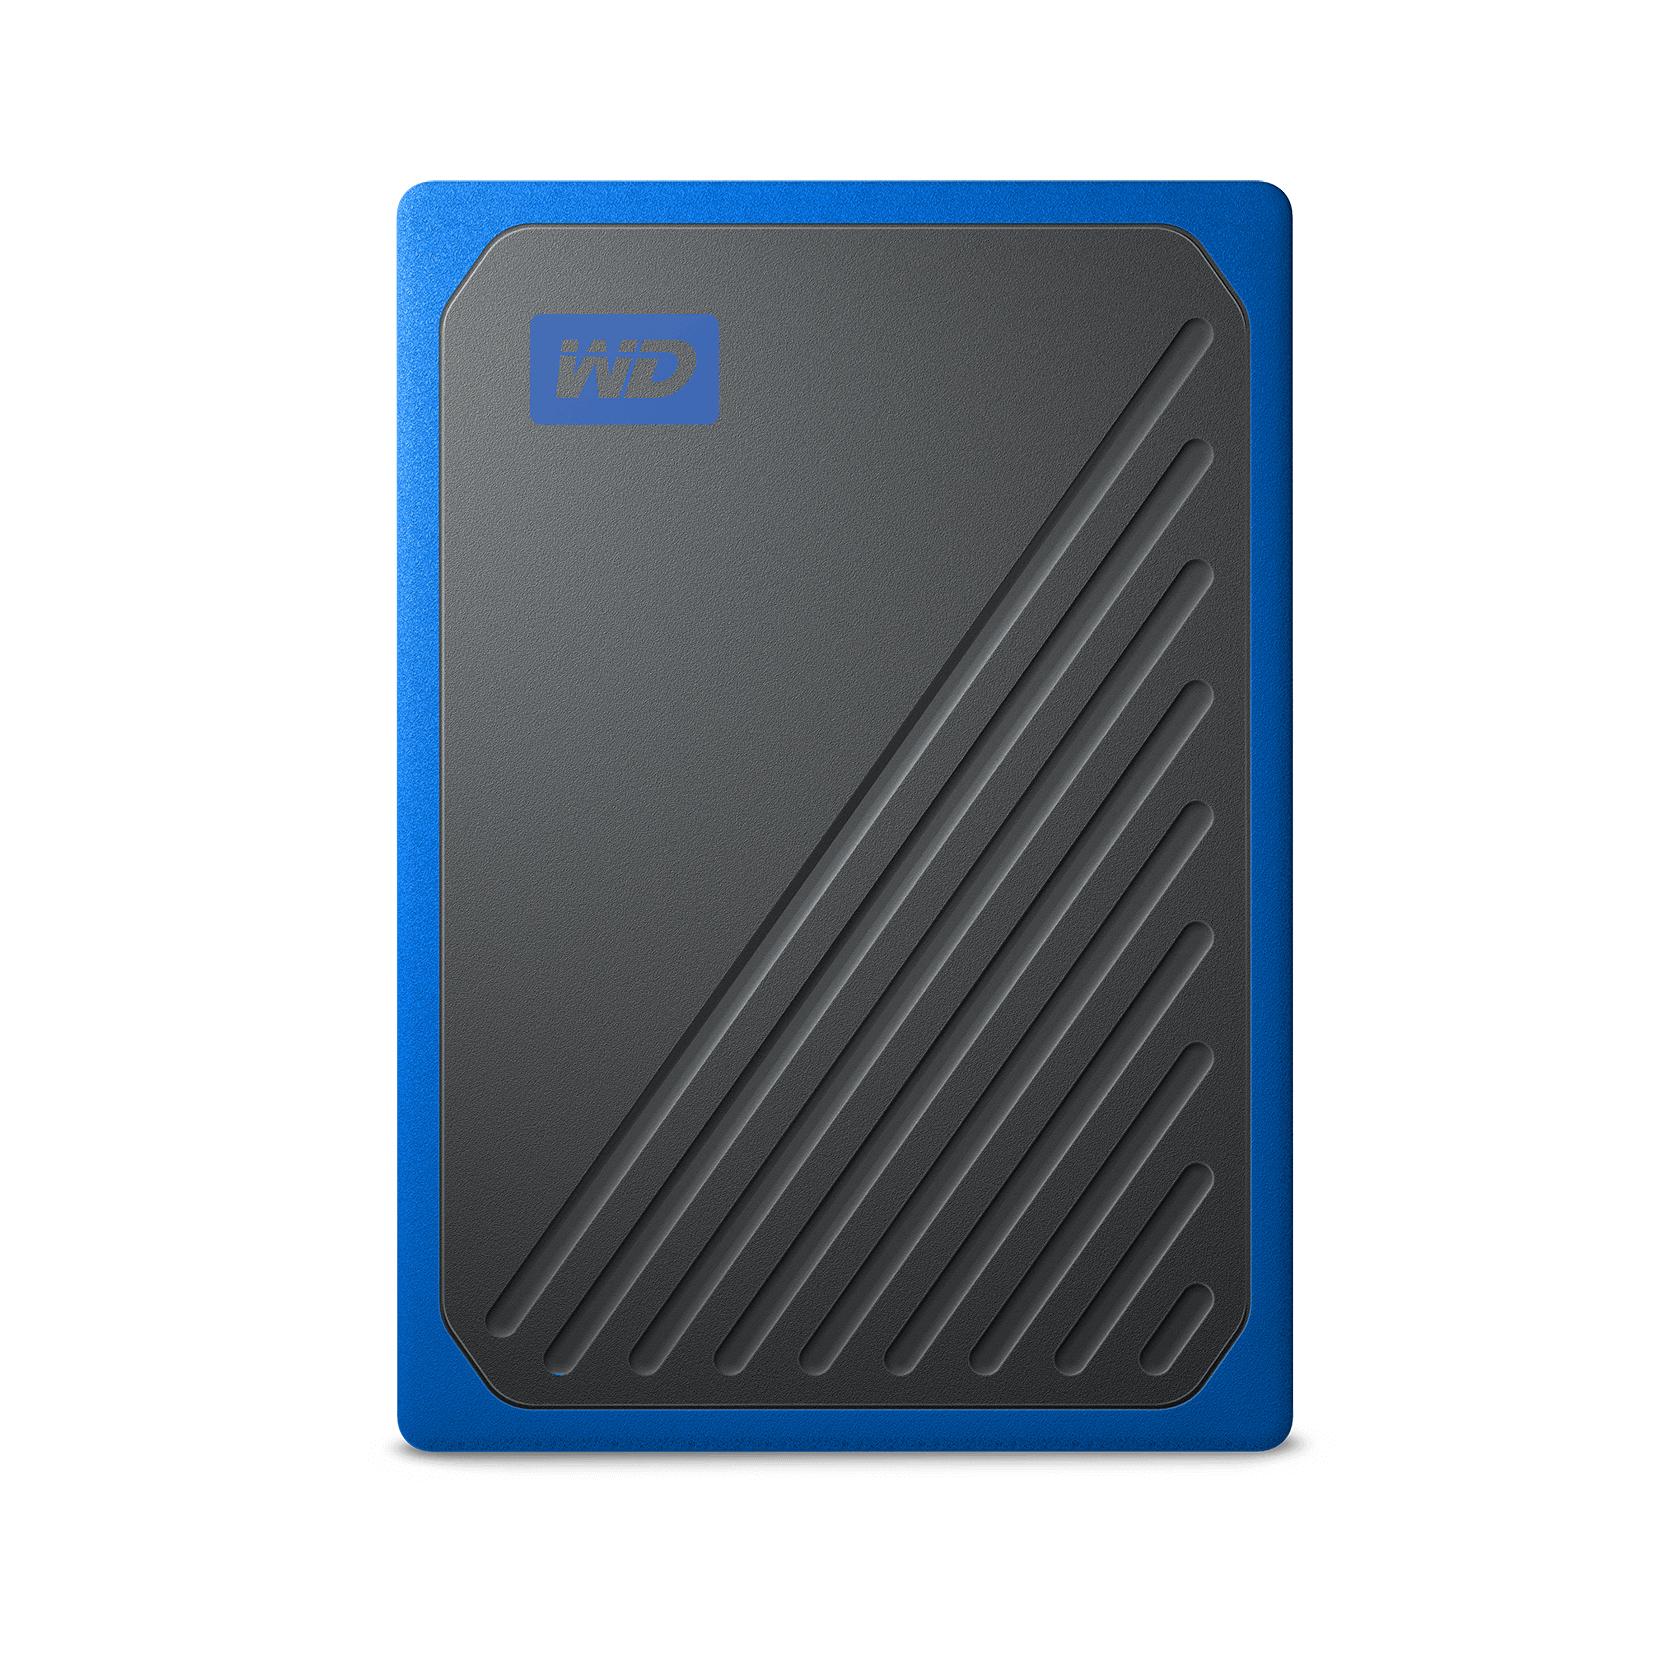 WD My Passport™ Go 2TB SSD, 2,5 Zoll, extern, Schwarz/Blau, 1TB für 94,99 Euro